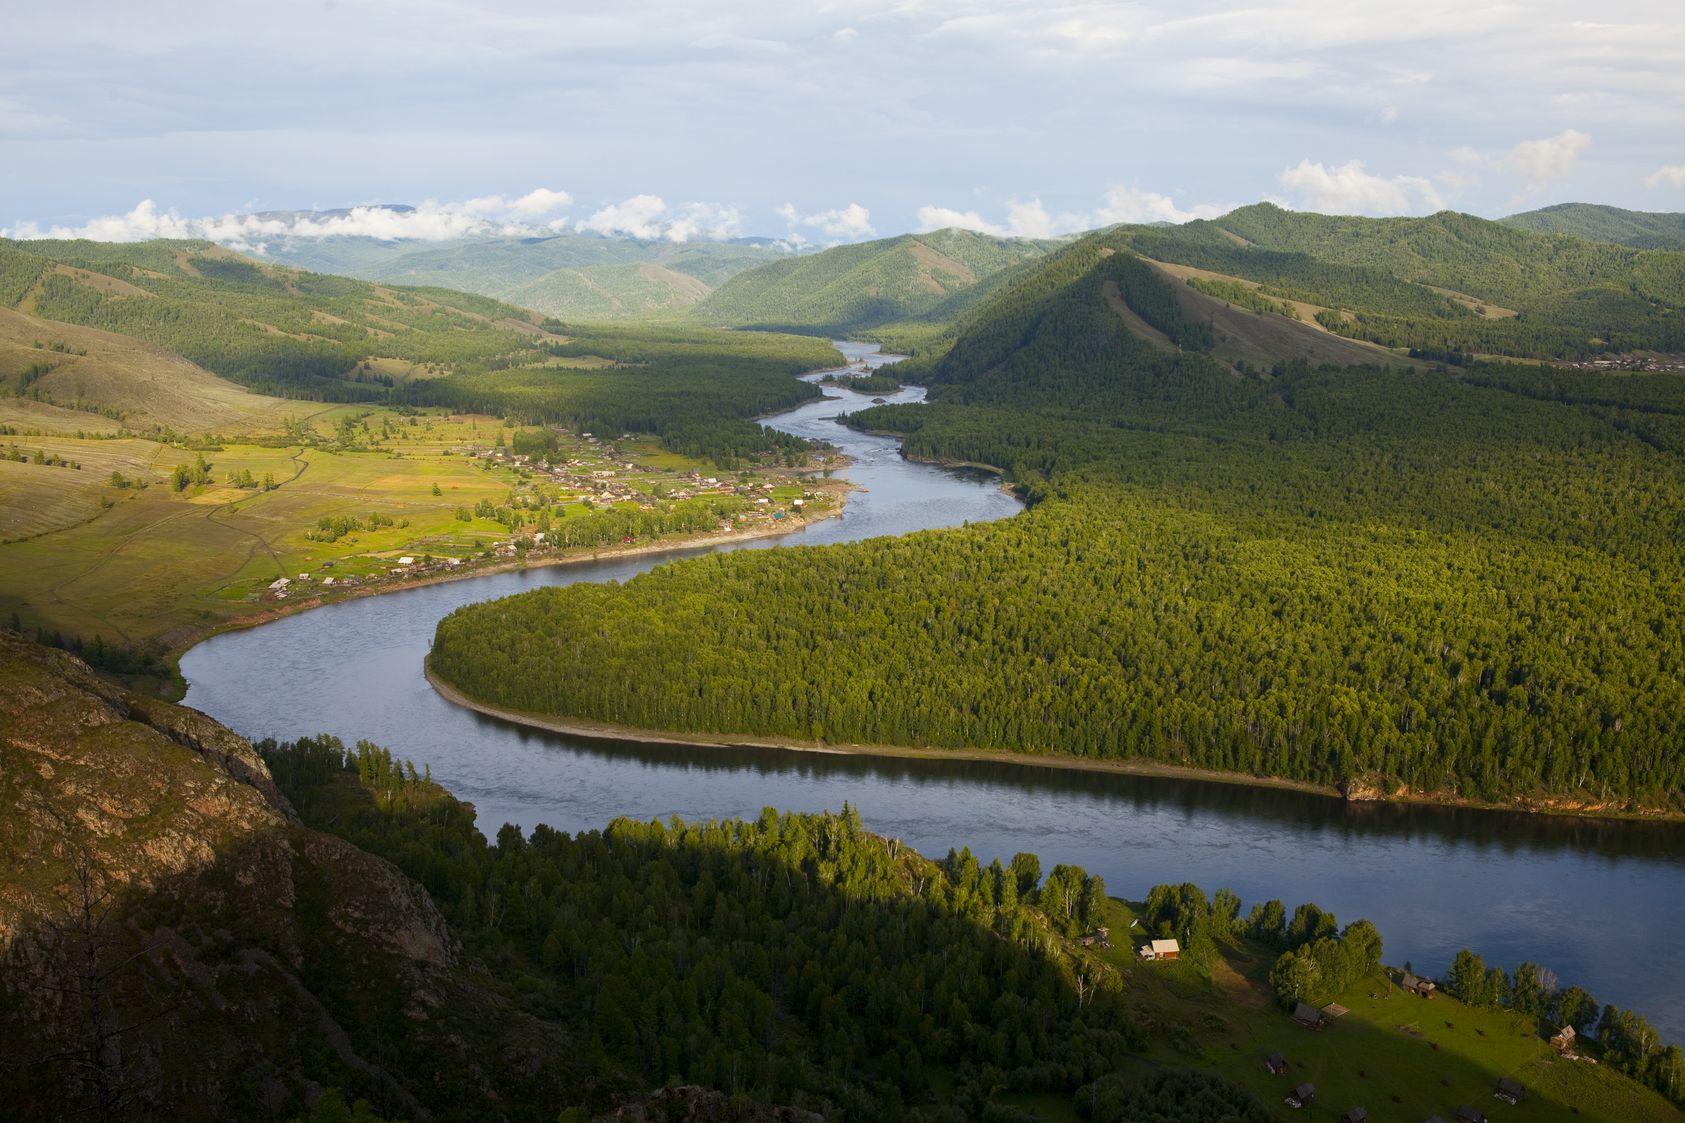 Получение разрешения на использование воды водных объектов общегосударственного значения